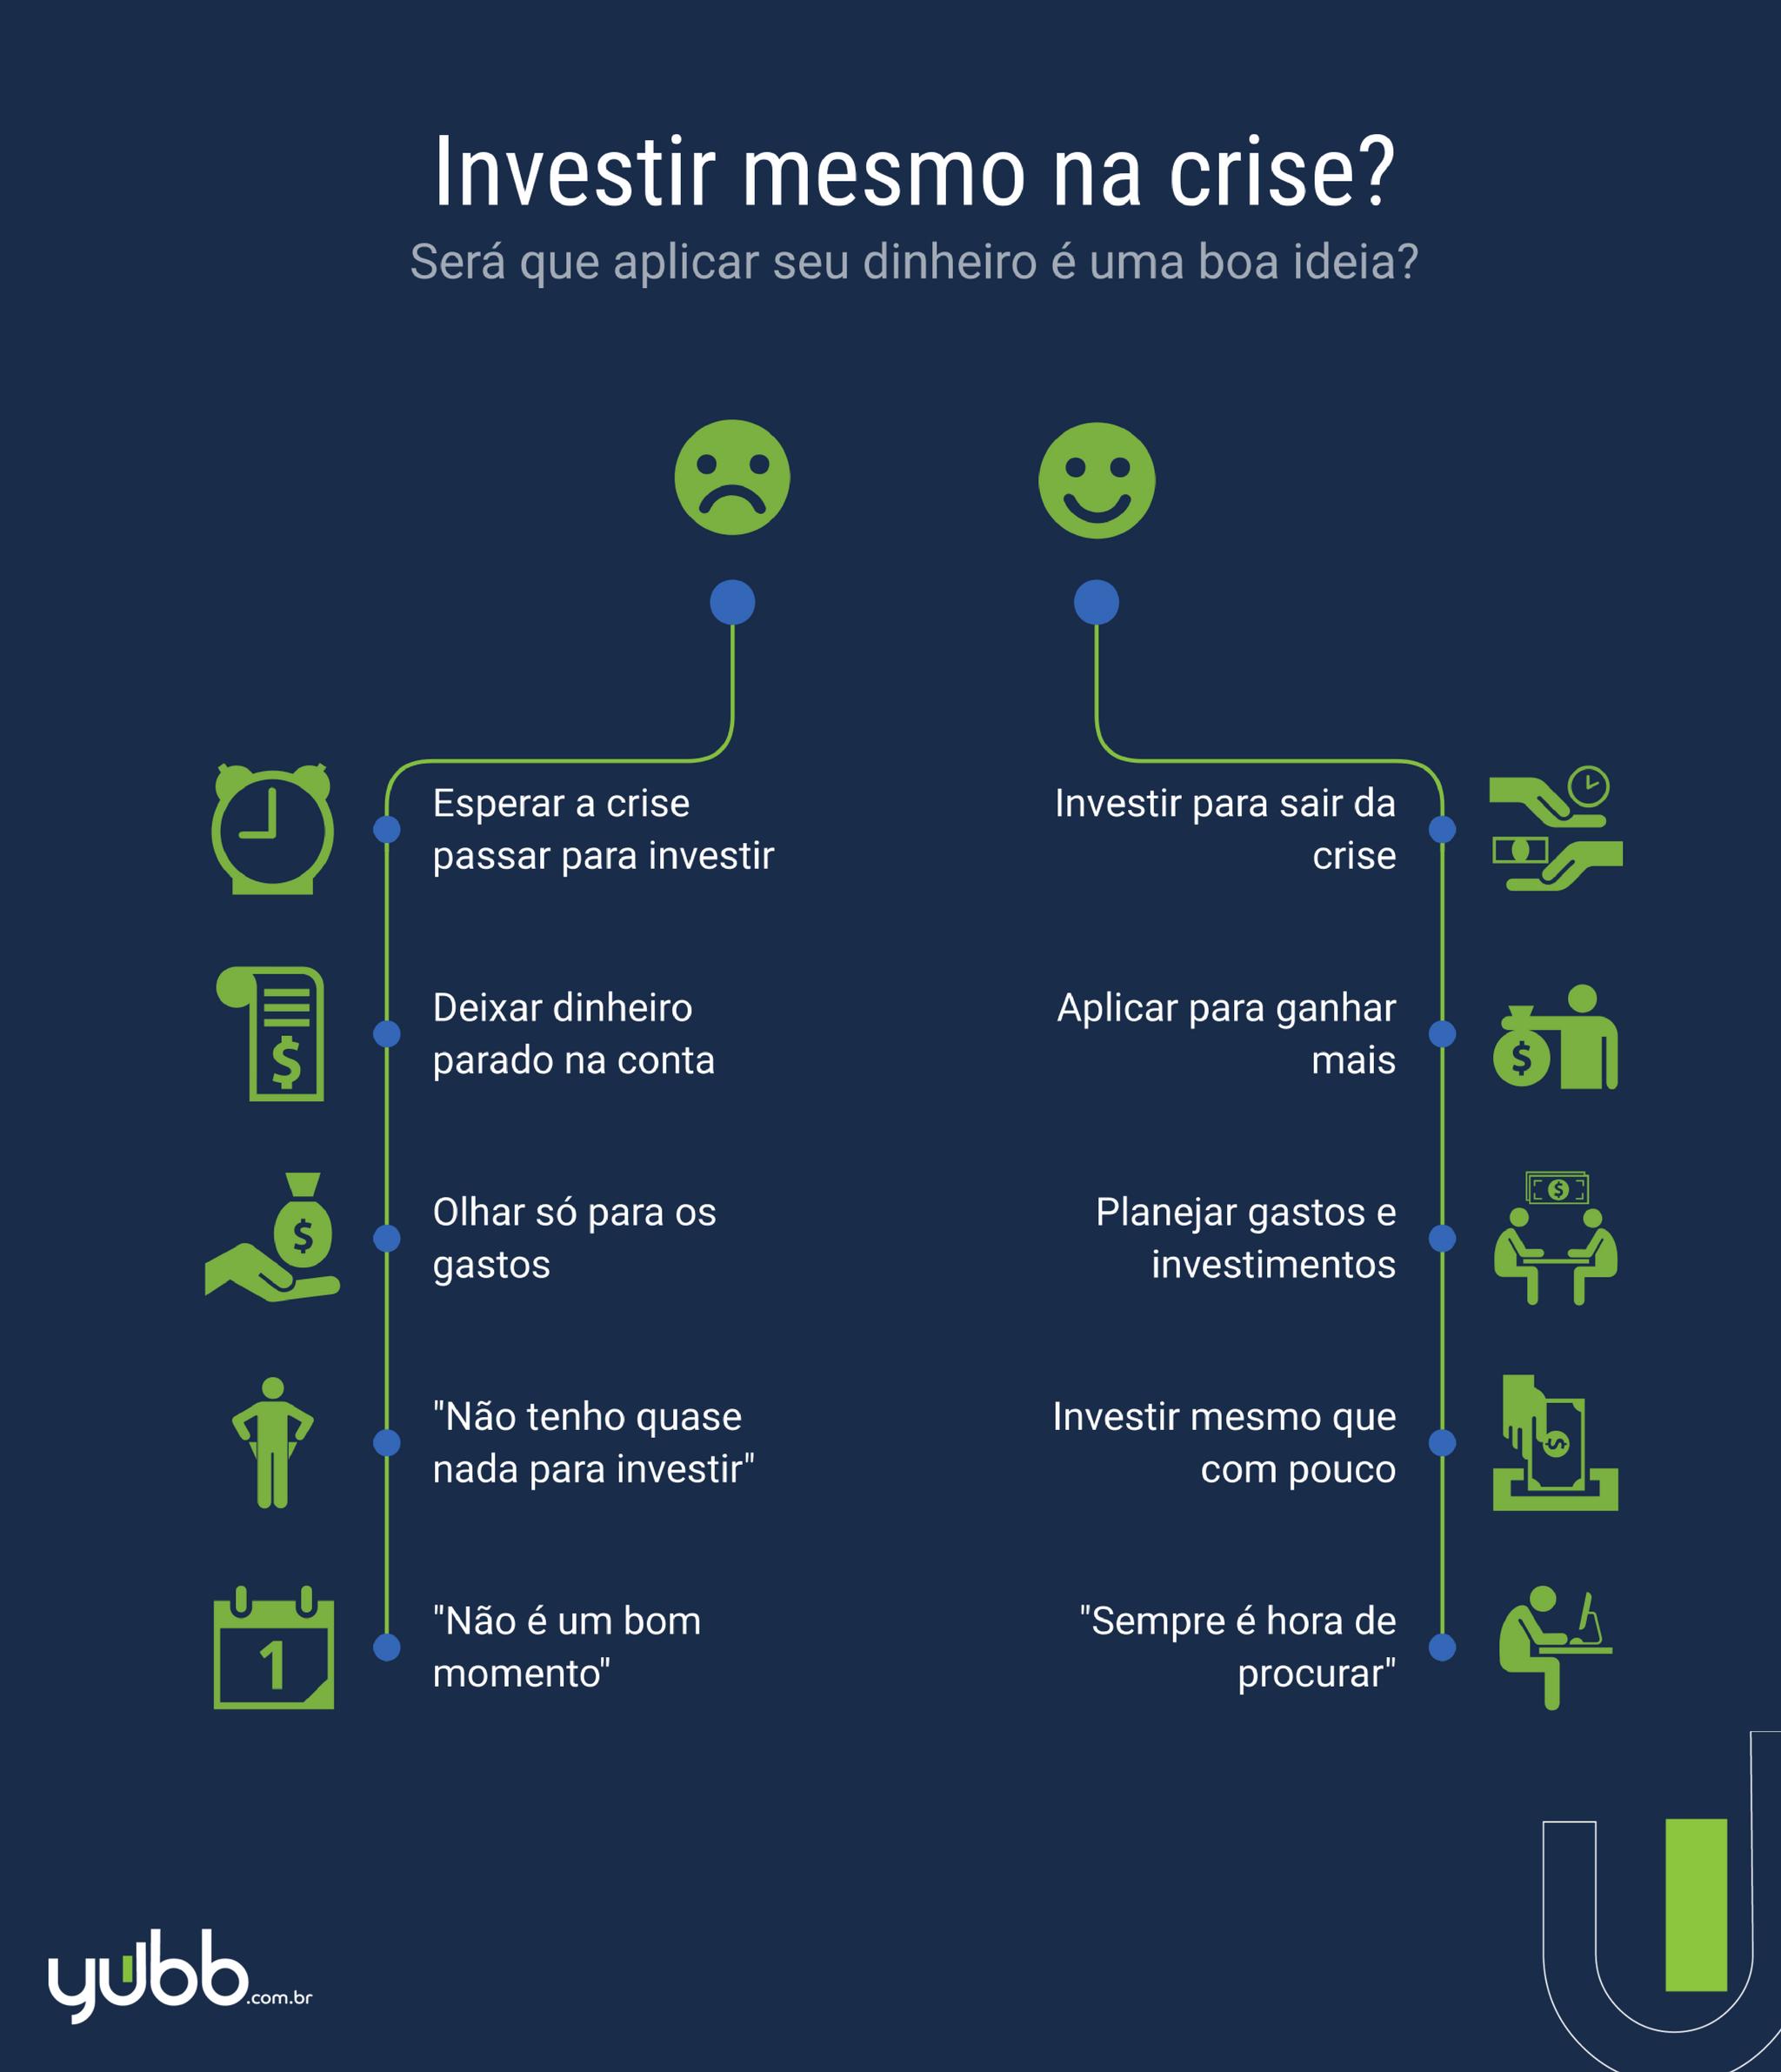 É uma boa ideia investir durante a crise?